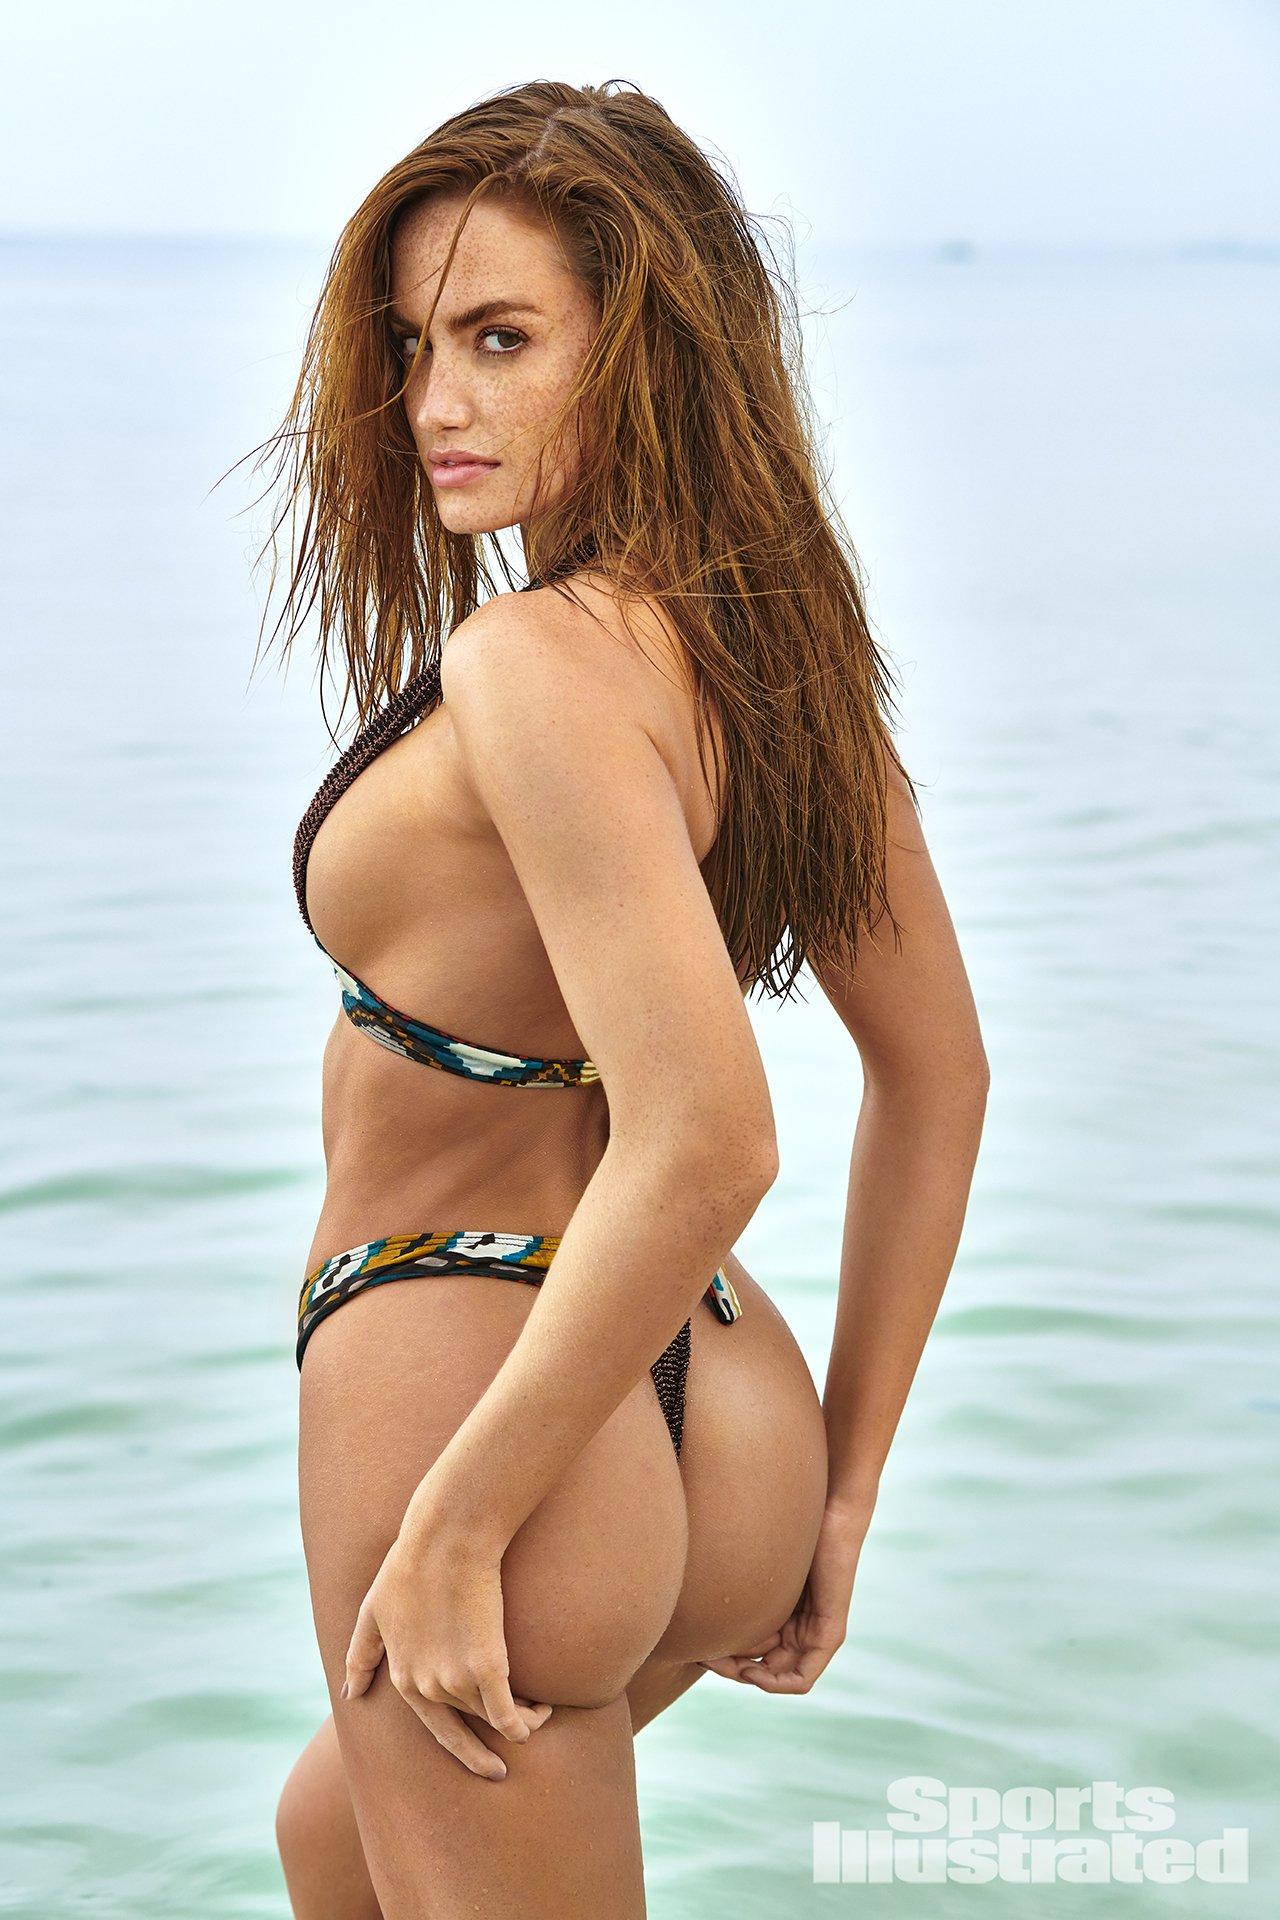 Bikini Naked Runway Shows Jpg